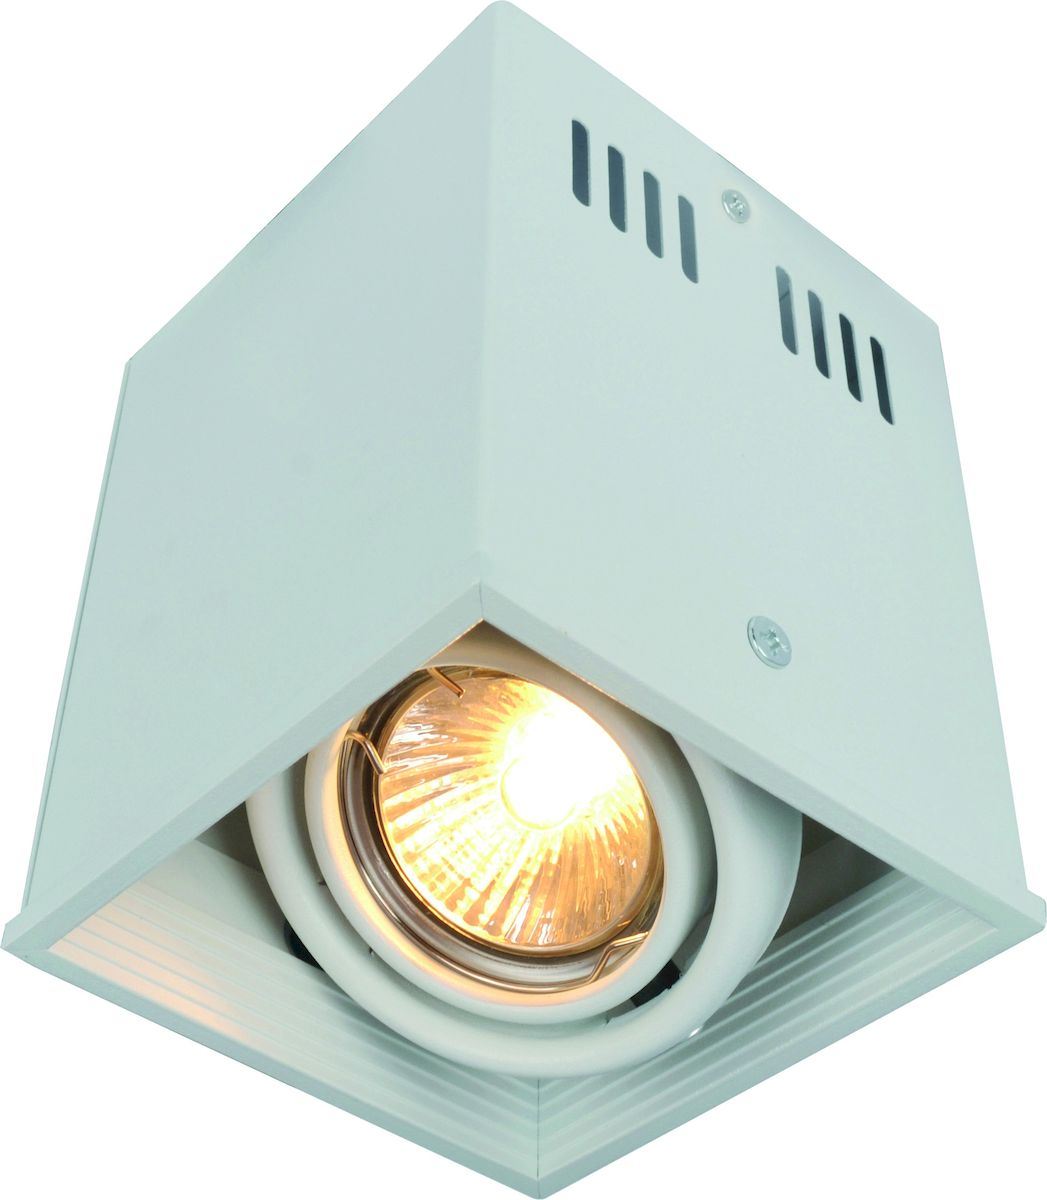 Светильник потолочный Arte Lamp CARDANI A5942PL-1WH накладной светильник arte lamp cardani a5942pl 3wh